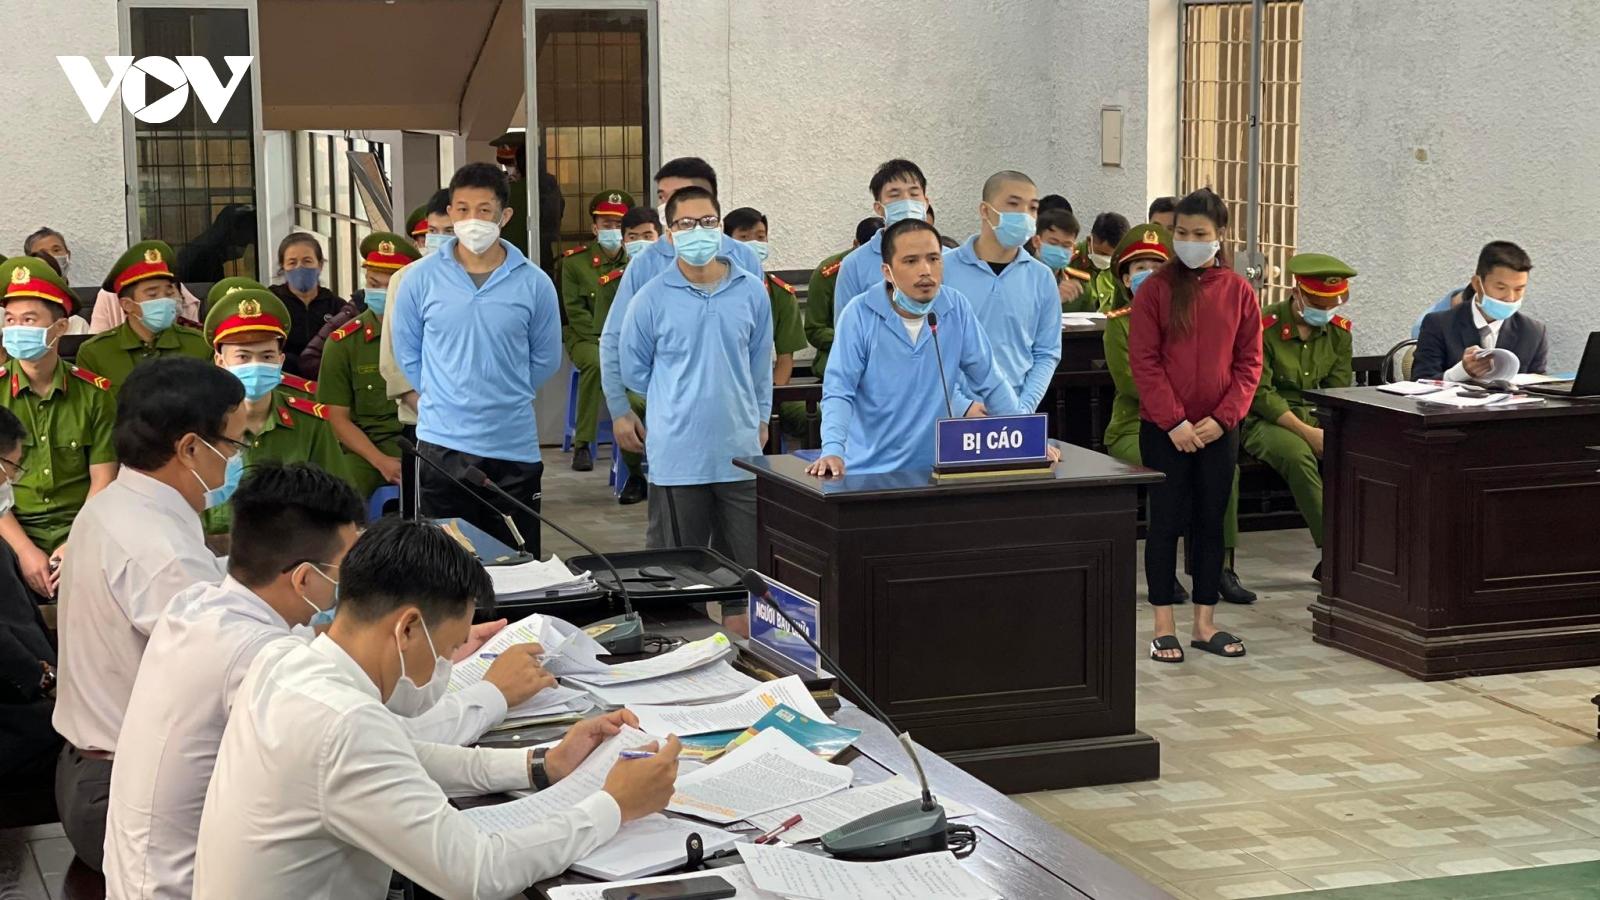 Trộm 400 triệu trong két sắt UBND xã, 8 đối tượng nhận hơn 71 năm tù